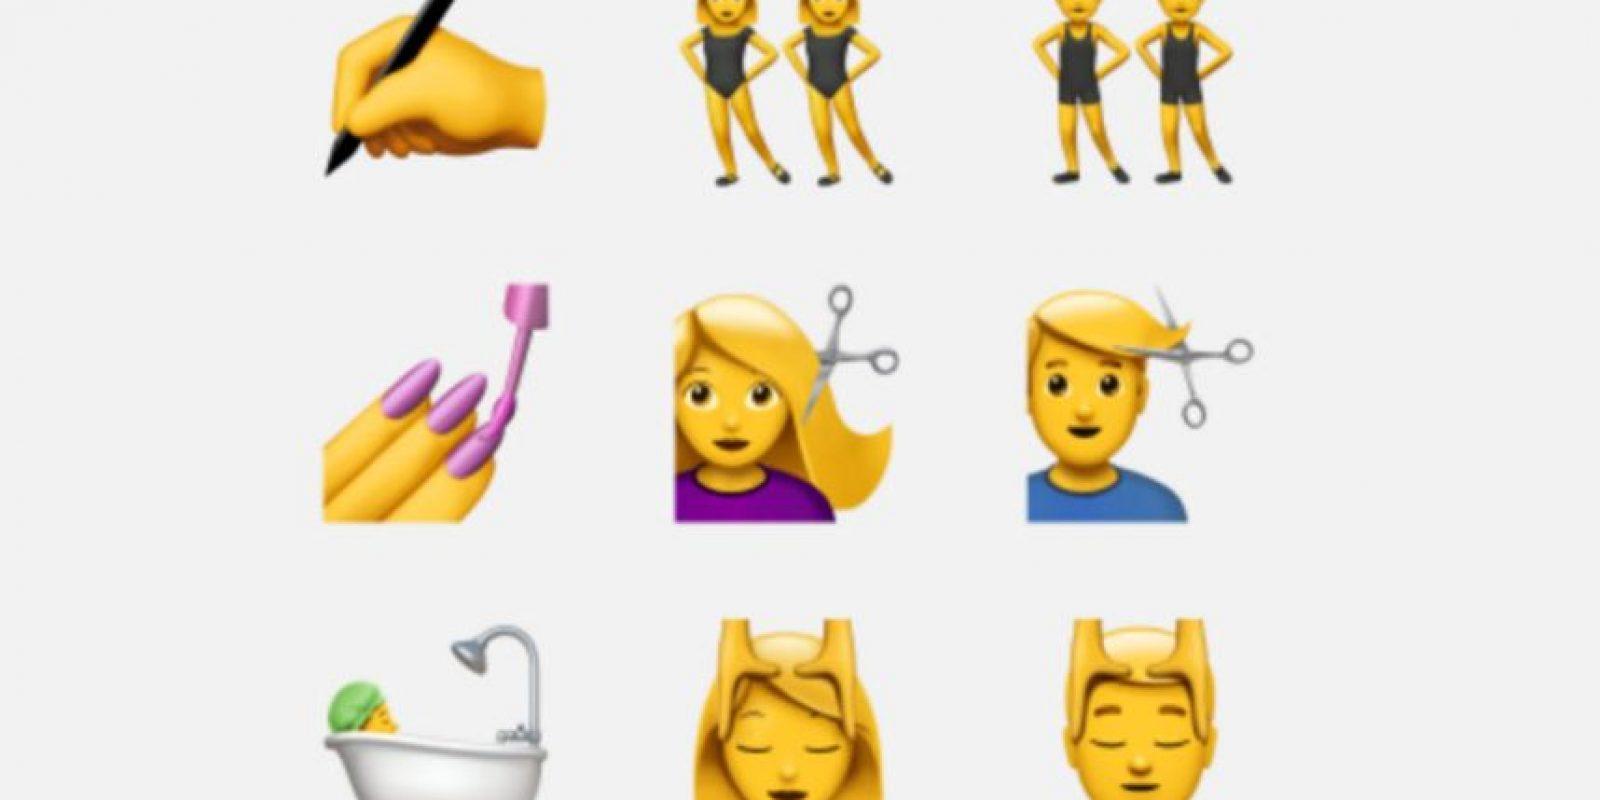 Esta es la nueva cara de los conocidos emojis. Foto:Apple